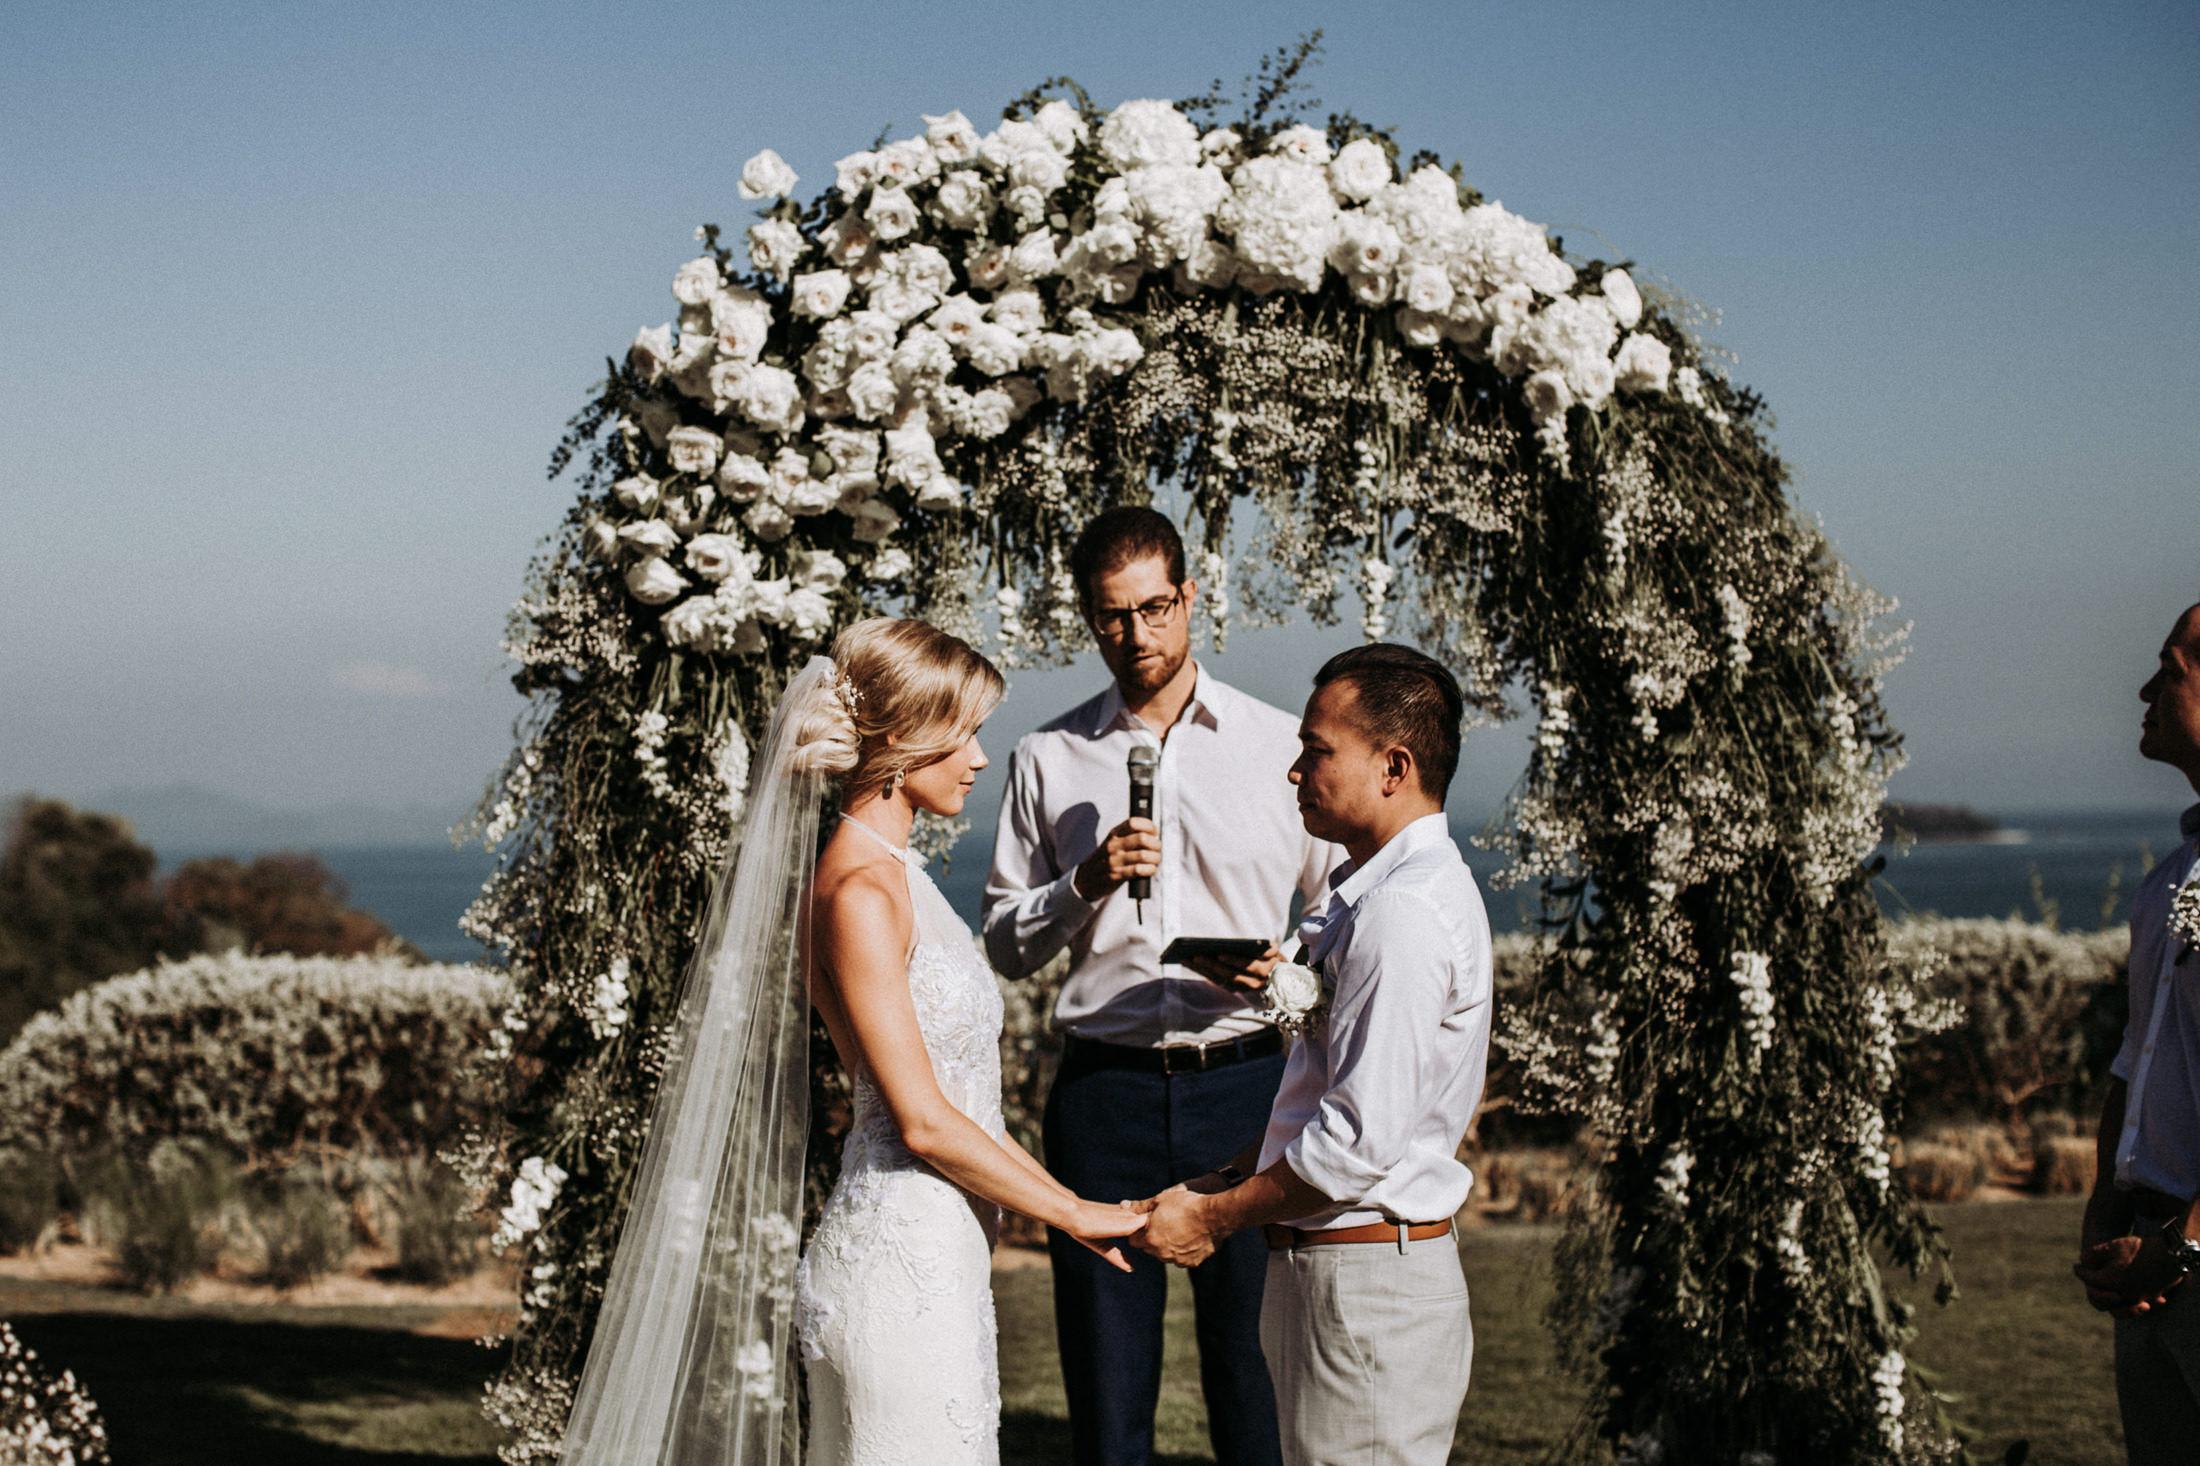 DanielaMarquardt_Wedding_Thailand_232